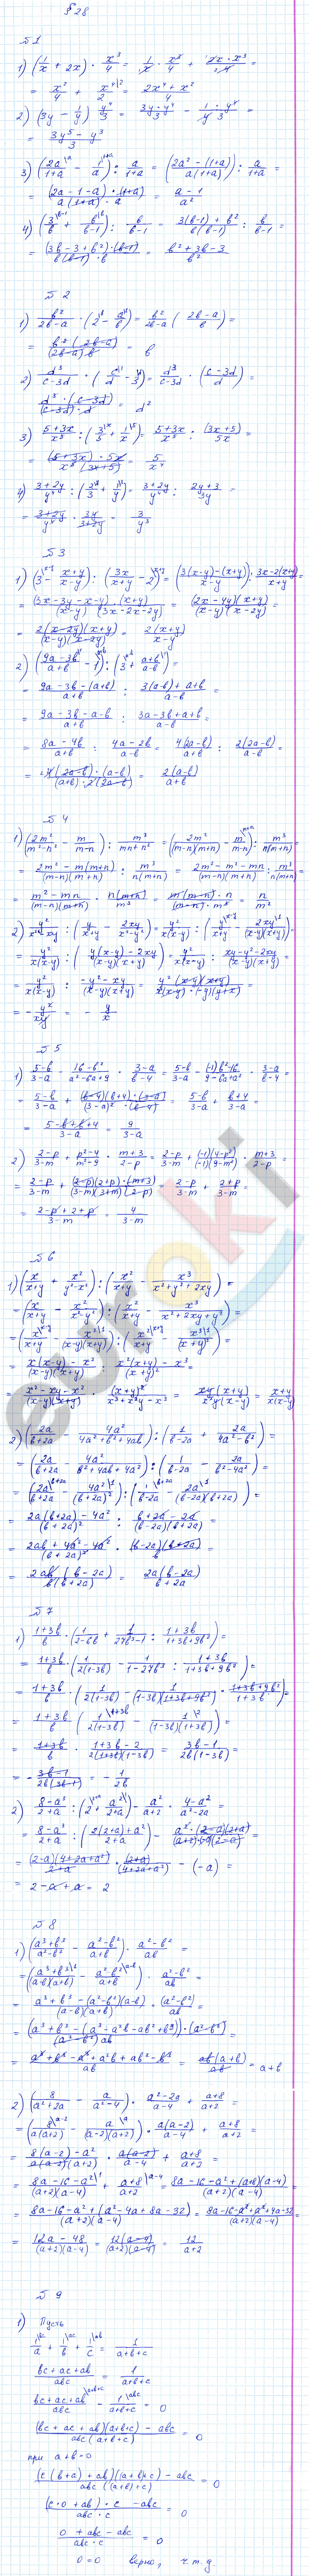 ГДЗ по алгебре 7 класс дидактические материалы Ткачева, Федорова Глава V. Алгебраические дроби. Задание: §28. Совместные действия над алгебраическими дробями